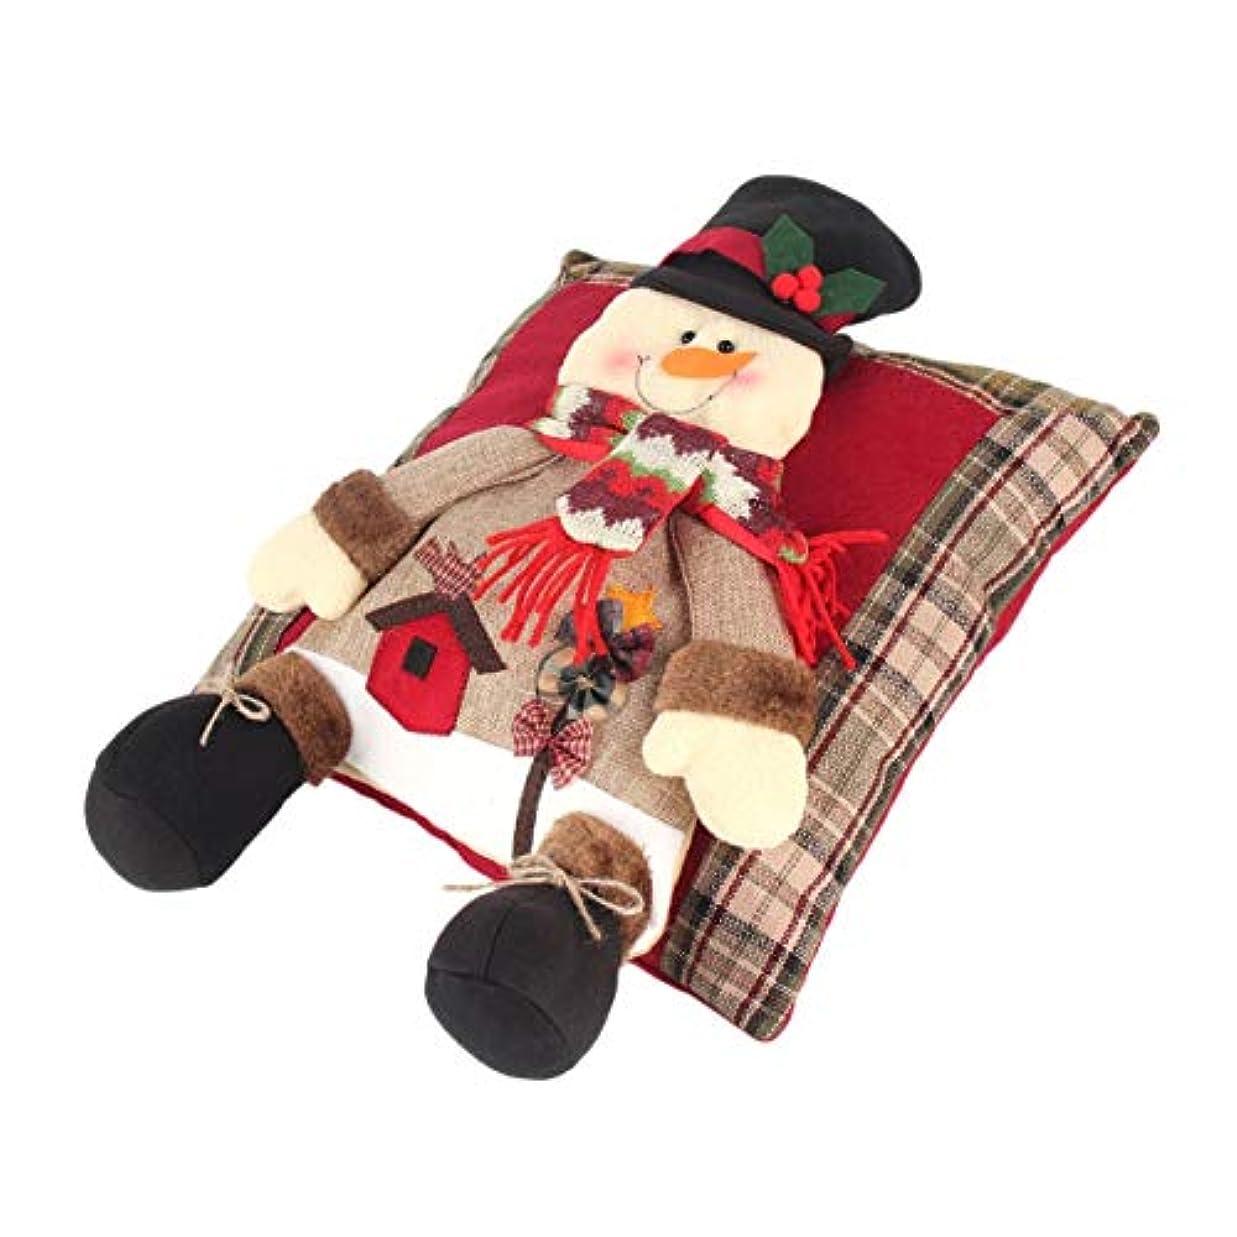 びっくり悪行休眠Saikogoods 快適なクリスマスリネン枕フェスティバルソフトクッションホームベッドルームリビングルームのソファの装飾パーフェクトなギフト 多色